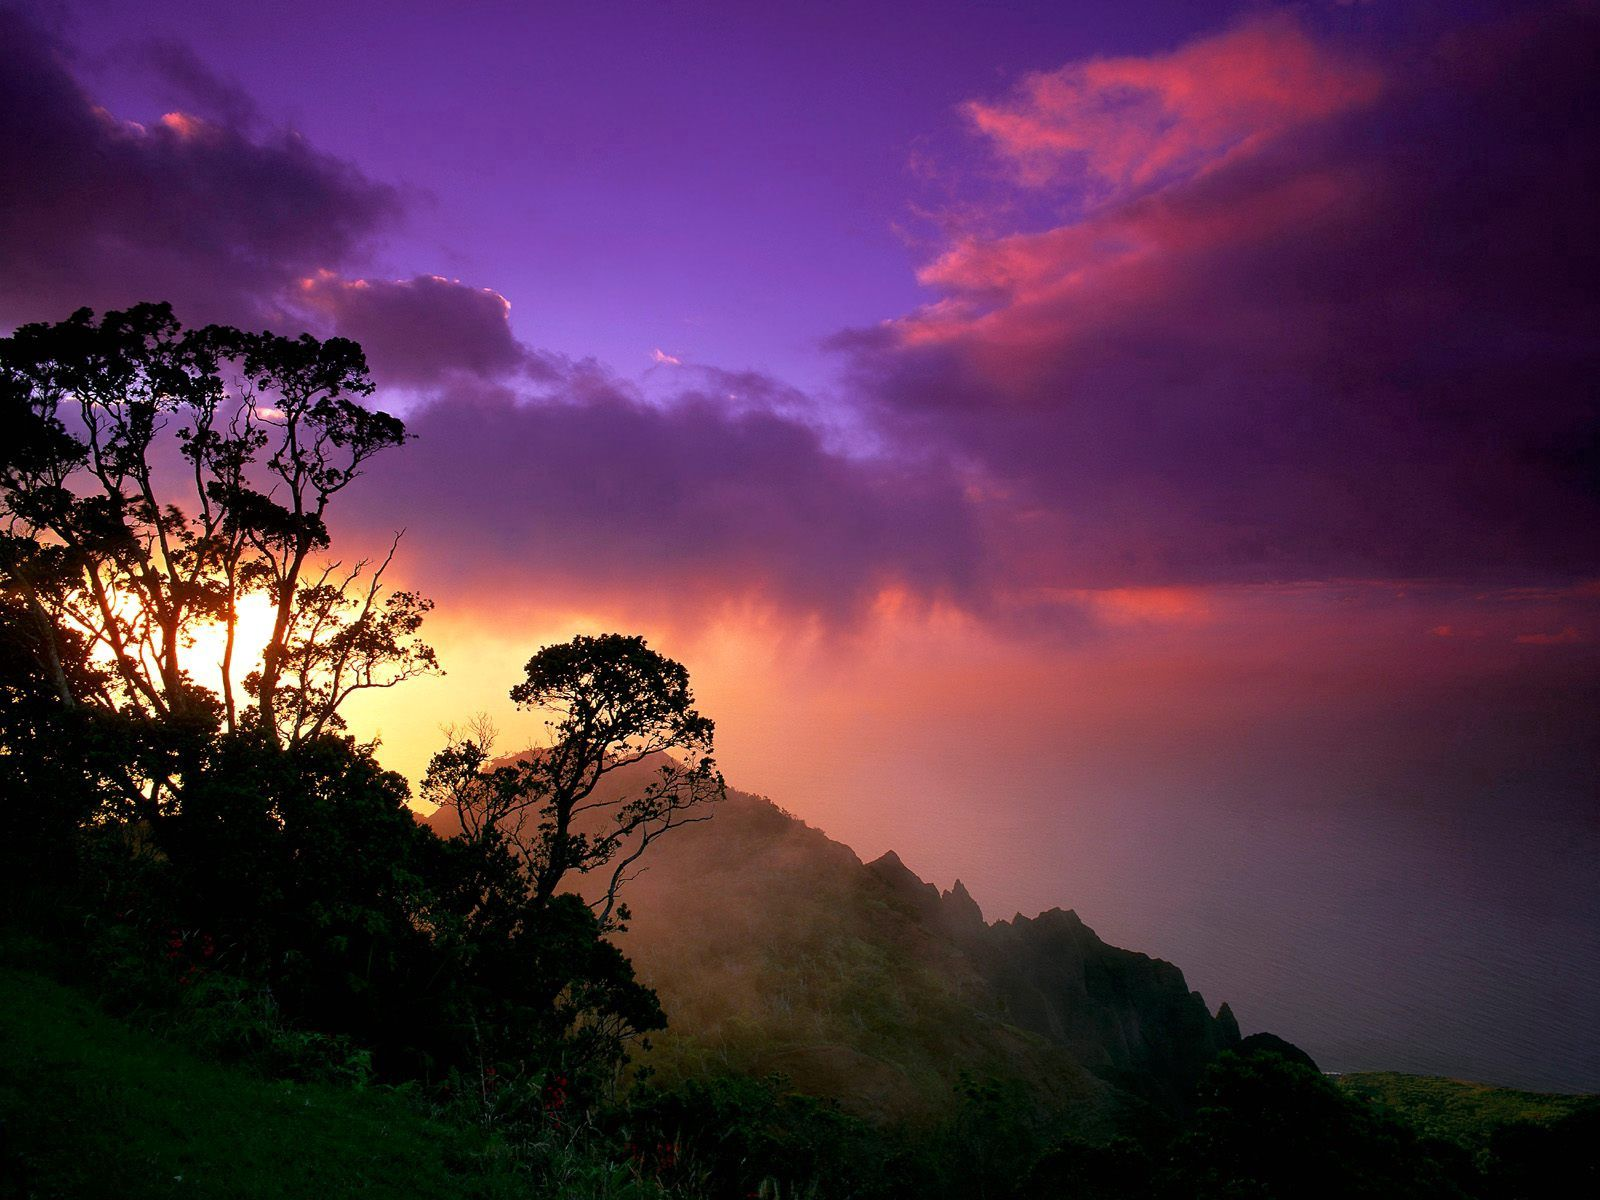 73349 скачать обои Природа, Облака, Небо, Склон, Очертания - заставки и картинки бесплатно